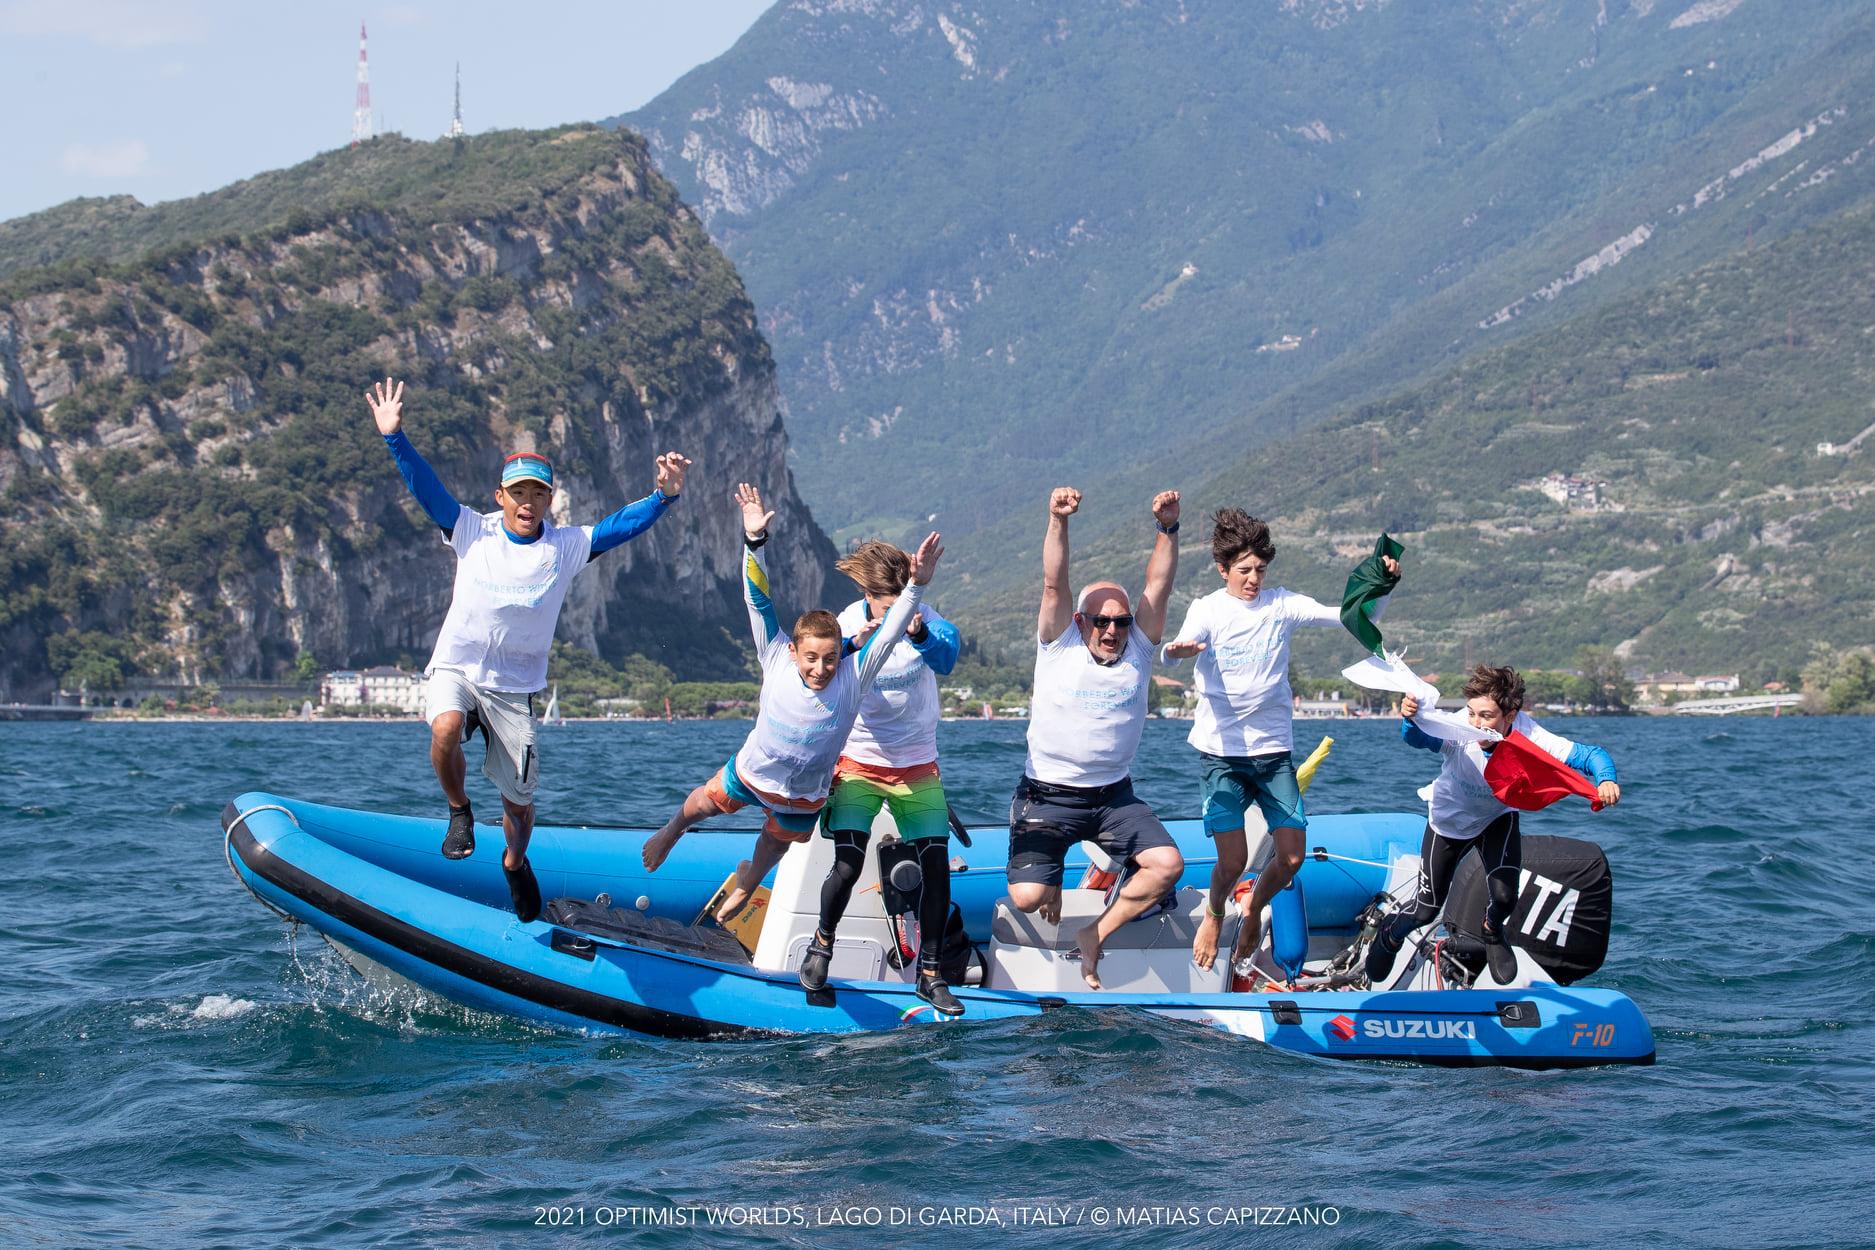 The Italian team jump for joy